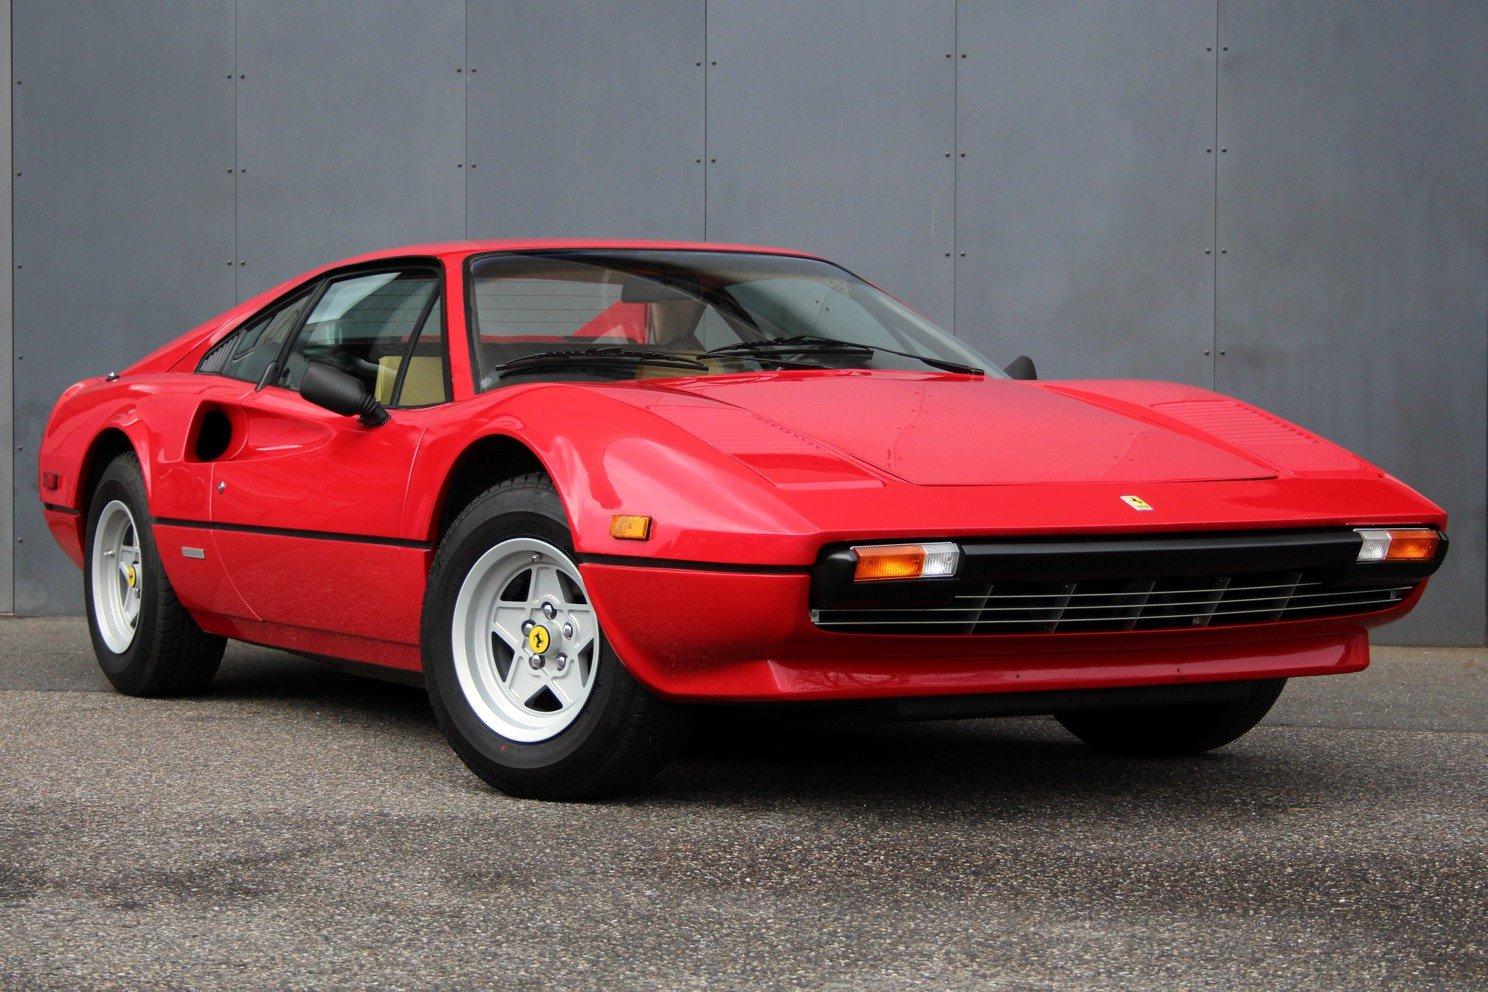 1976 Ferrari 308 GTB Vetroresina LHD (Rosso Chiaro) For Sale (picture 1 of 6)